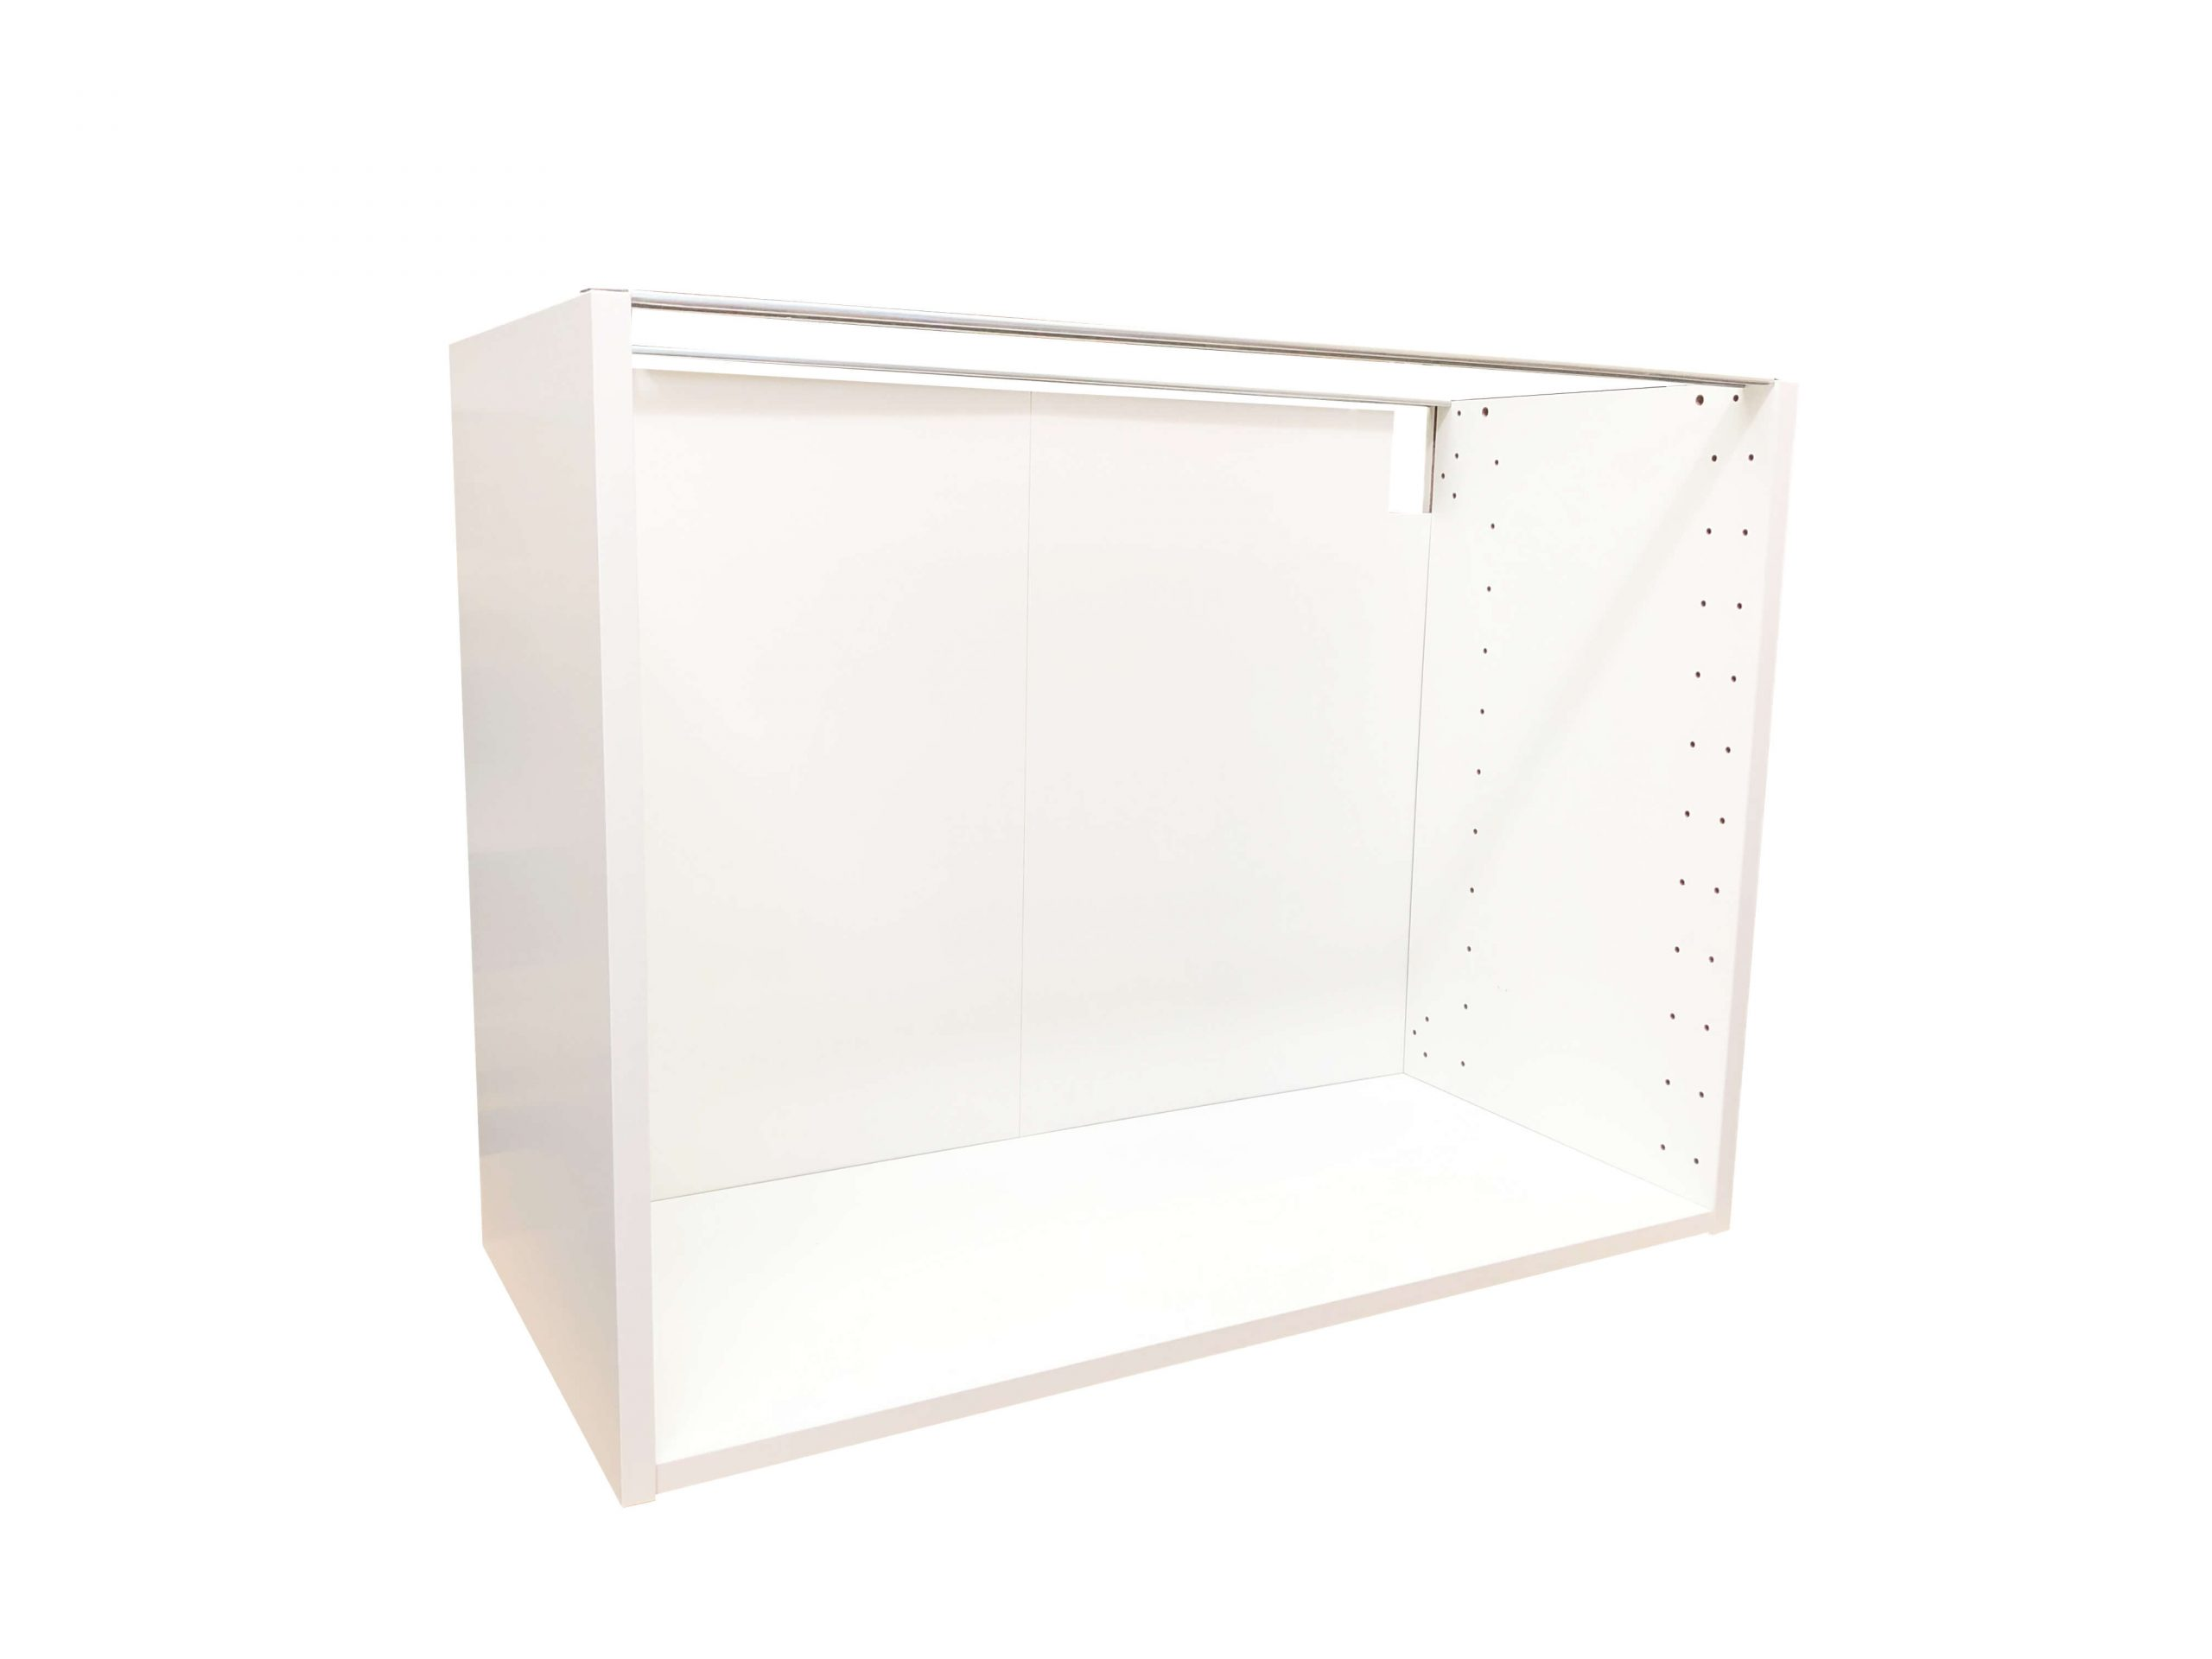 Full Size of Ikea Unterschrank Metod 80x37x60cm 80260433 Bad Holz Modulküche Küche Kaufen Betten 160x200 Badezimmer Eckunterschrank Kosten Bei Miniküche Sofa Mit Wohnzimmer Ikea Unterschrank